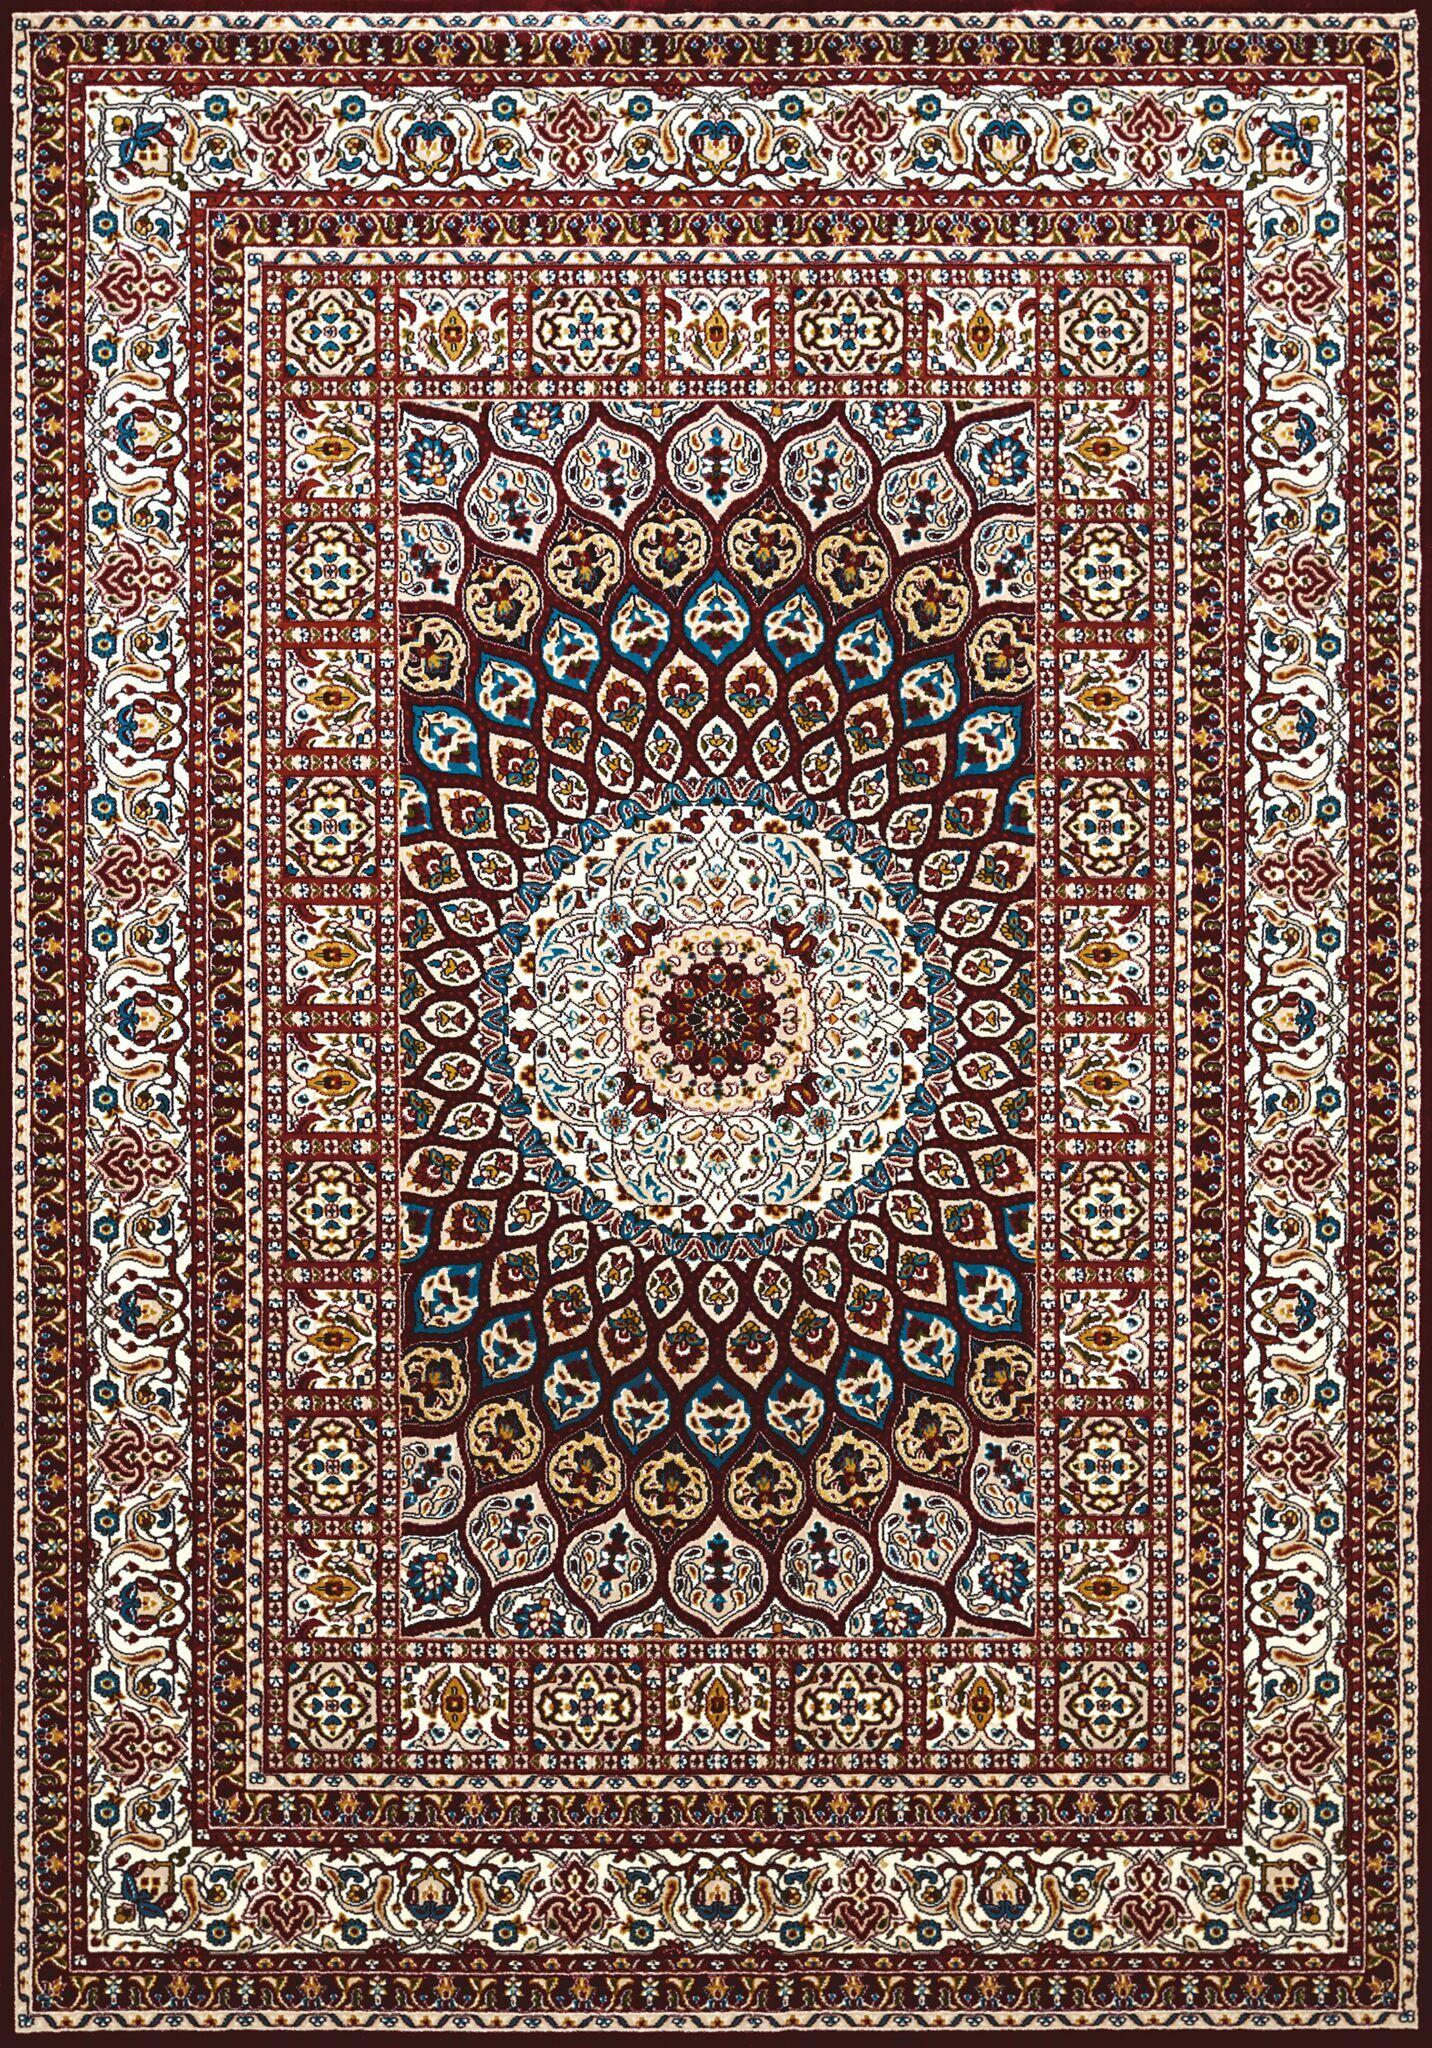 Antiquities Jaipur Brown/Beige Area Rug Rug Size: 5'3